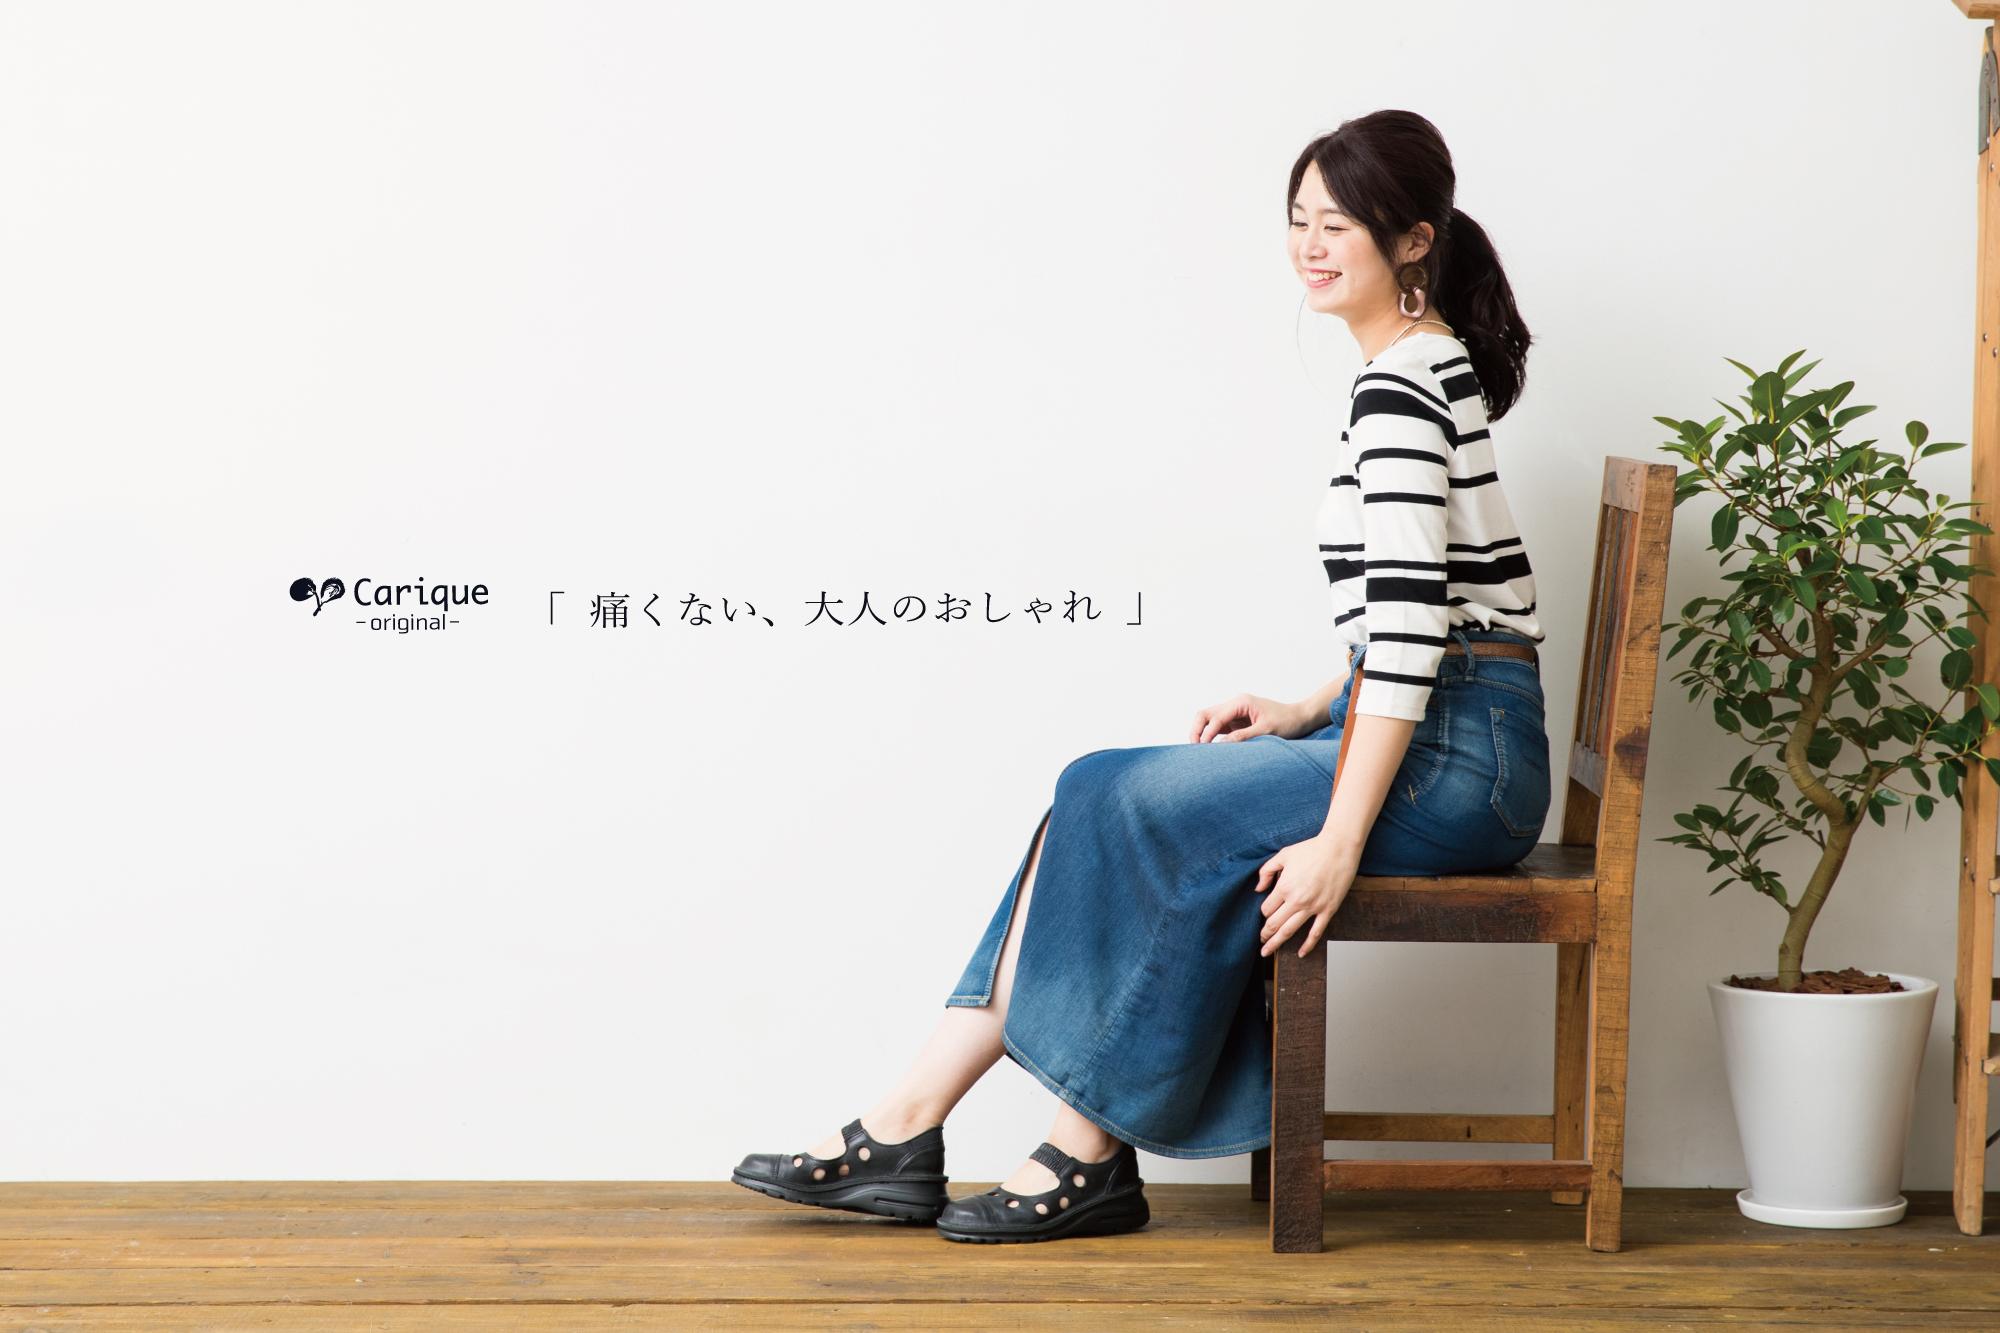 佐賀県武雄市の靴のお店 carique(カリック)公式サイト